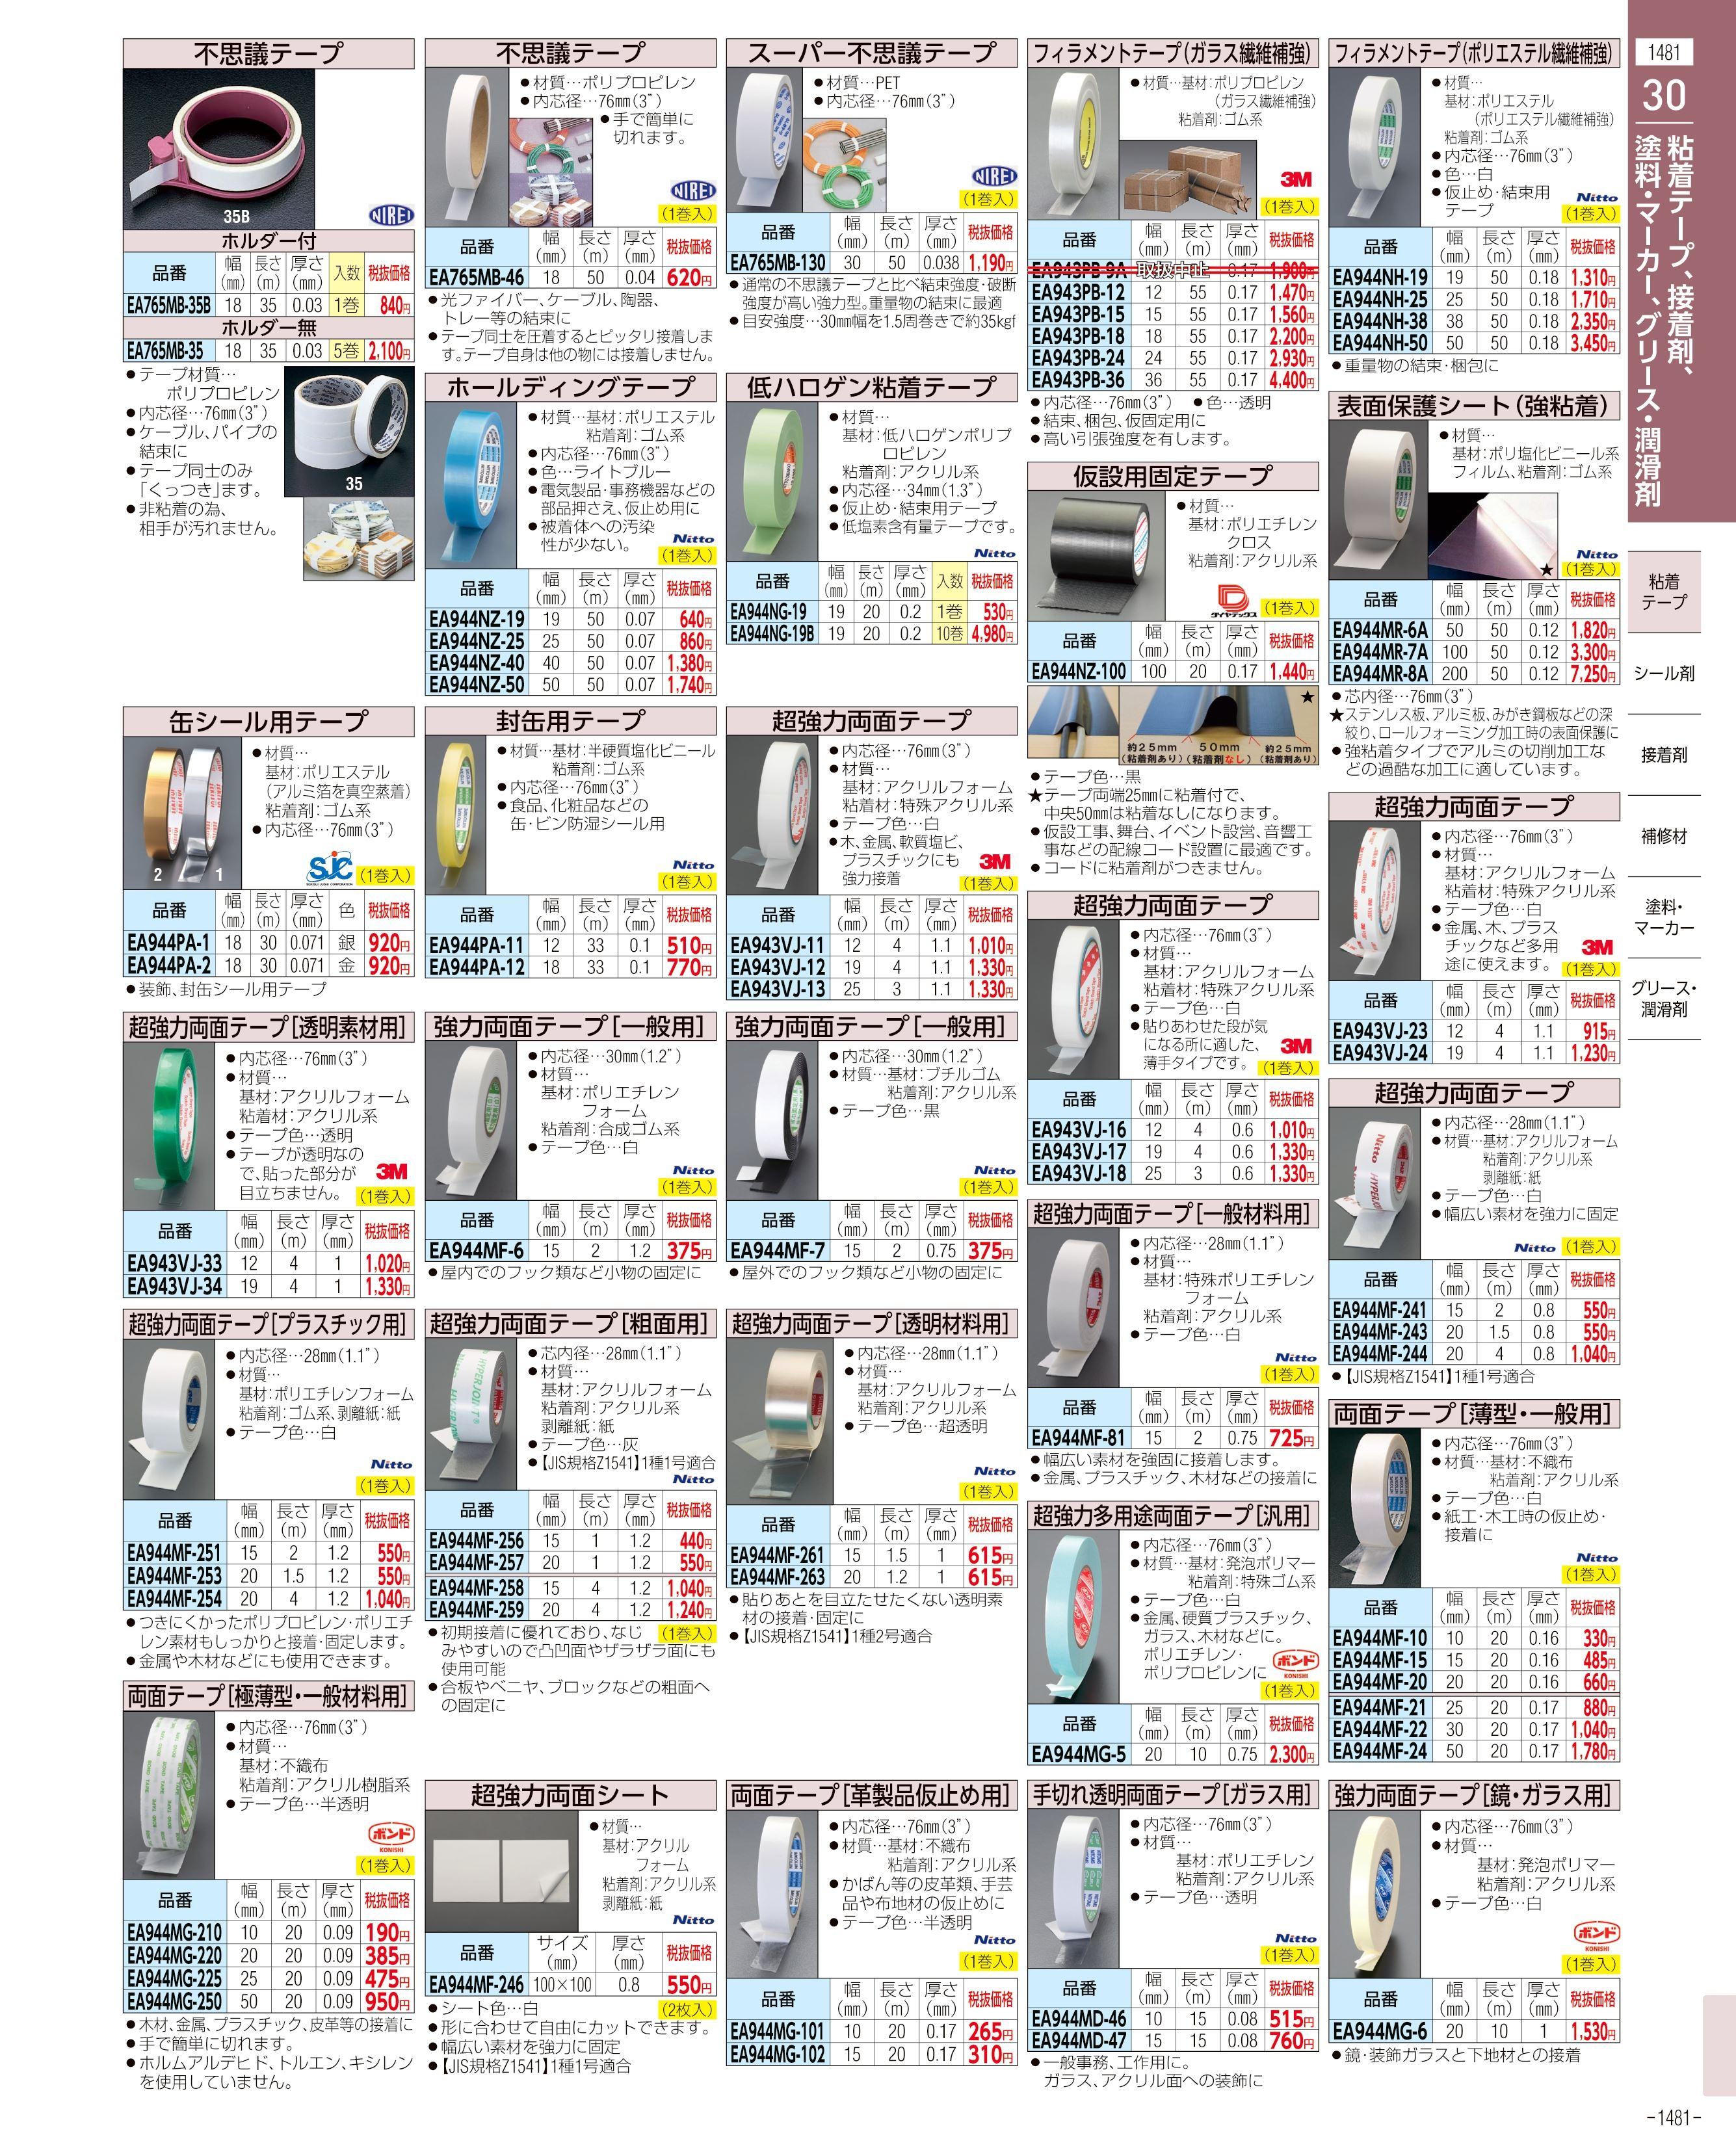 エスコ便利カタログ1481ページ